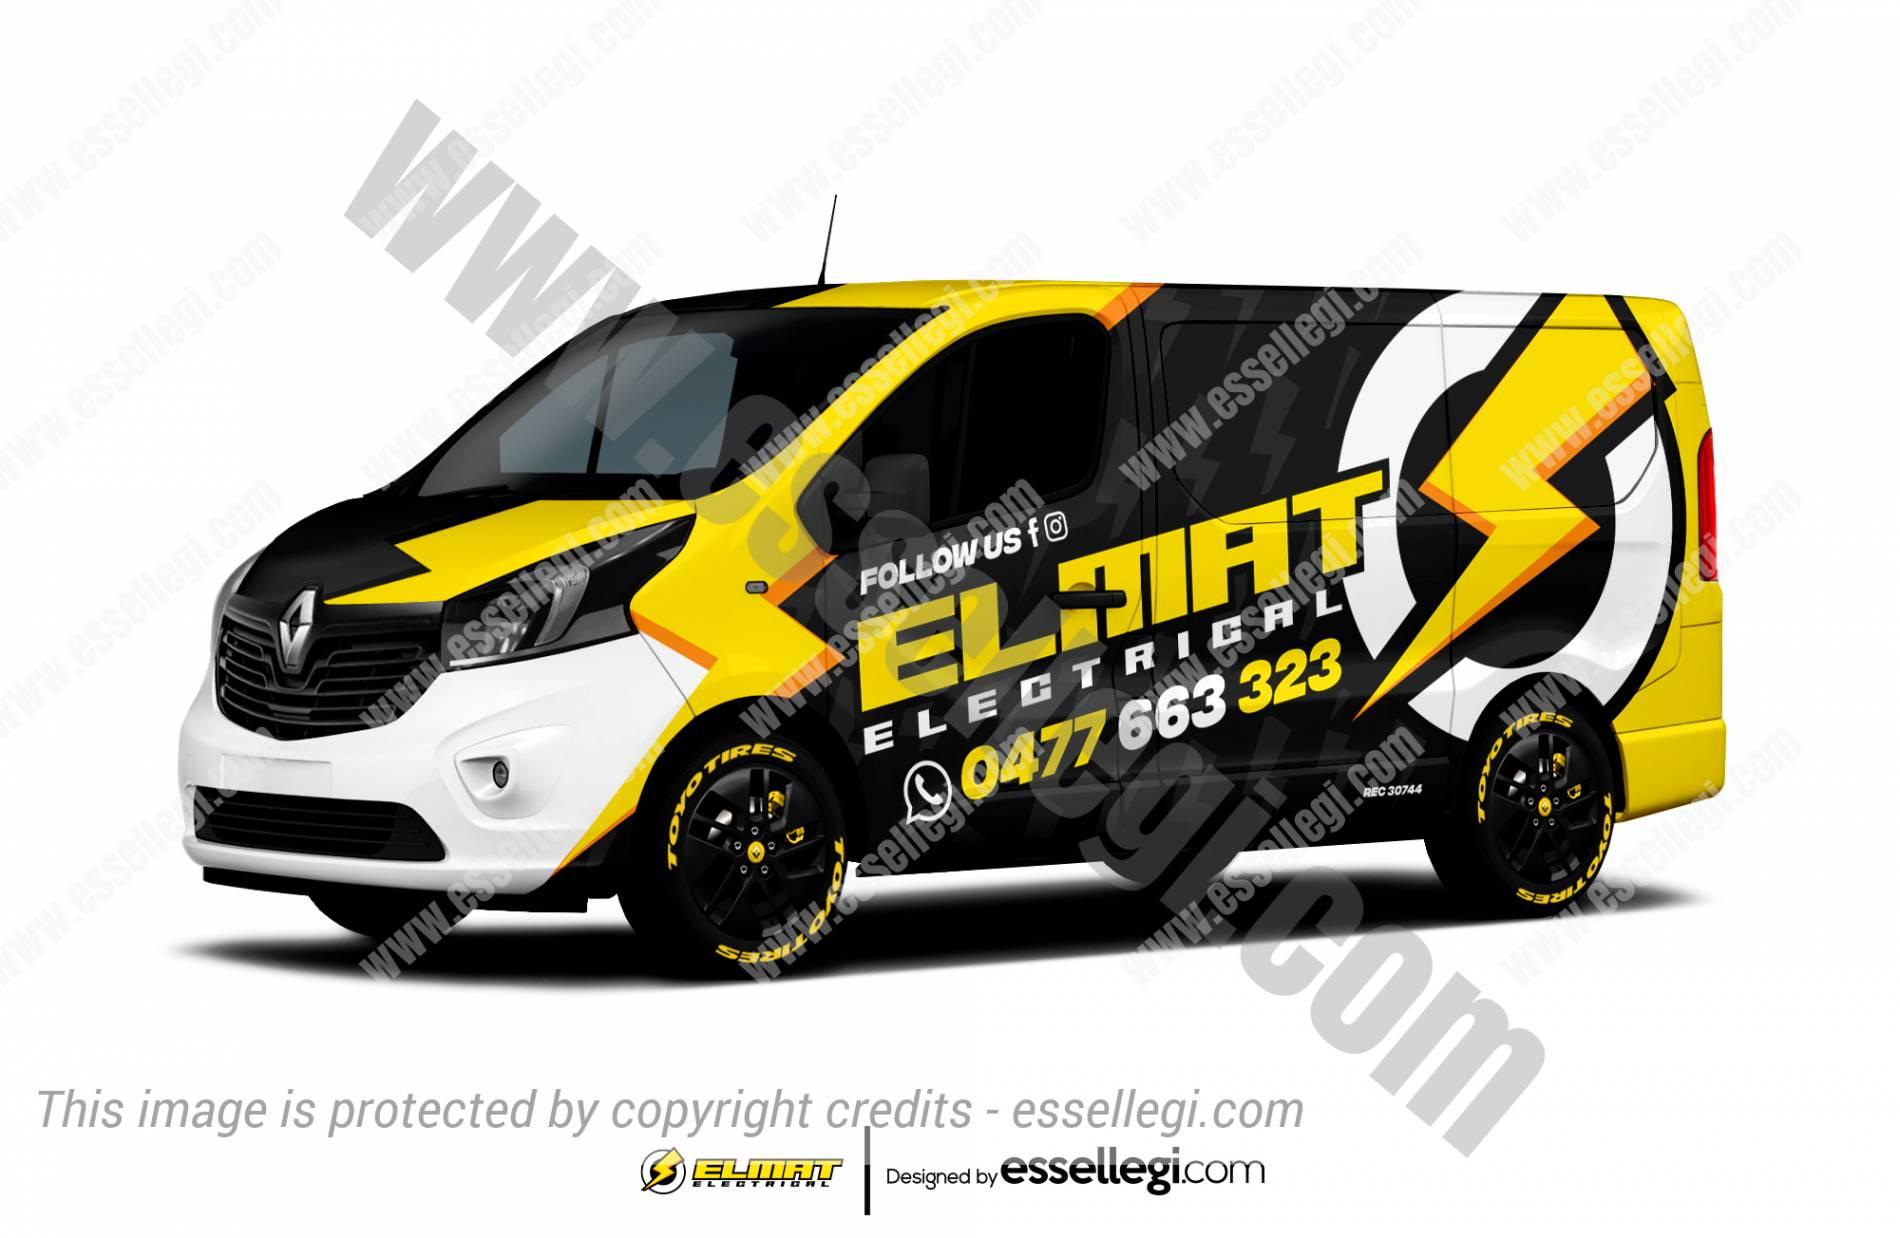 Renault Trafic Wrap Design. Renault Trafic Wrap   Van Wrap Design by Essellegi. Van Signs, Van Signage, Van Wrapping, Van Signwriting, Van Wrap Designer, Signs for Van, Van Logo, Van Graphic by Essellegi.